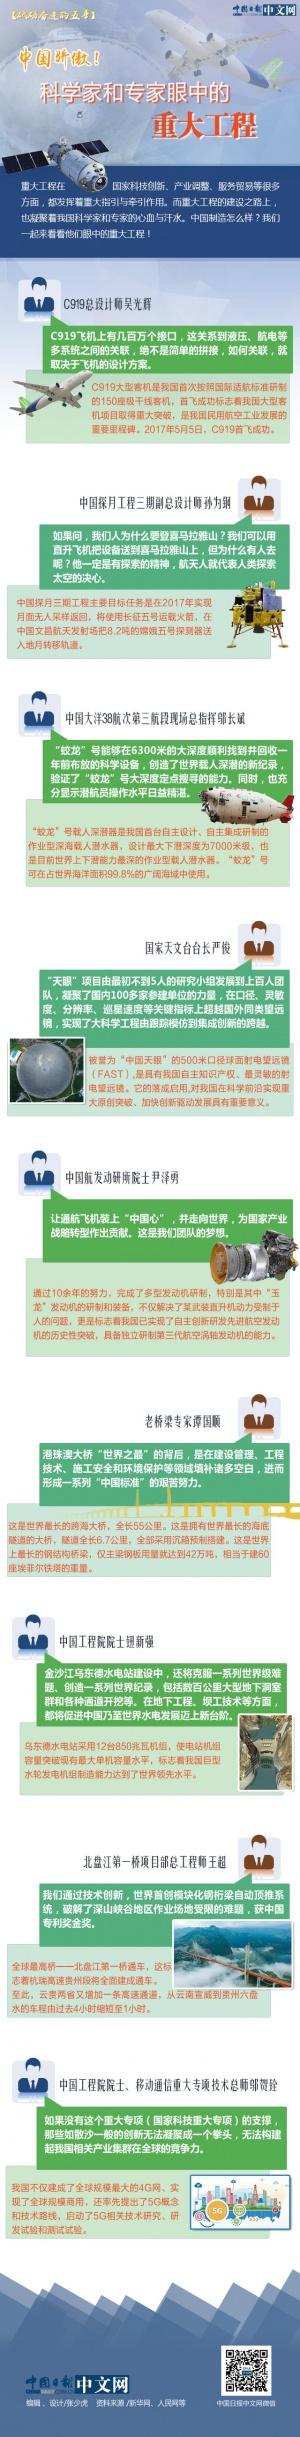 【砥砺奋进的五年】中国骄傲!科学家和专家眼中的重大工程